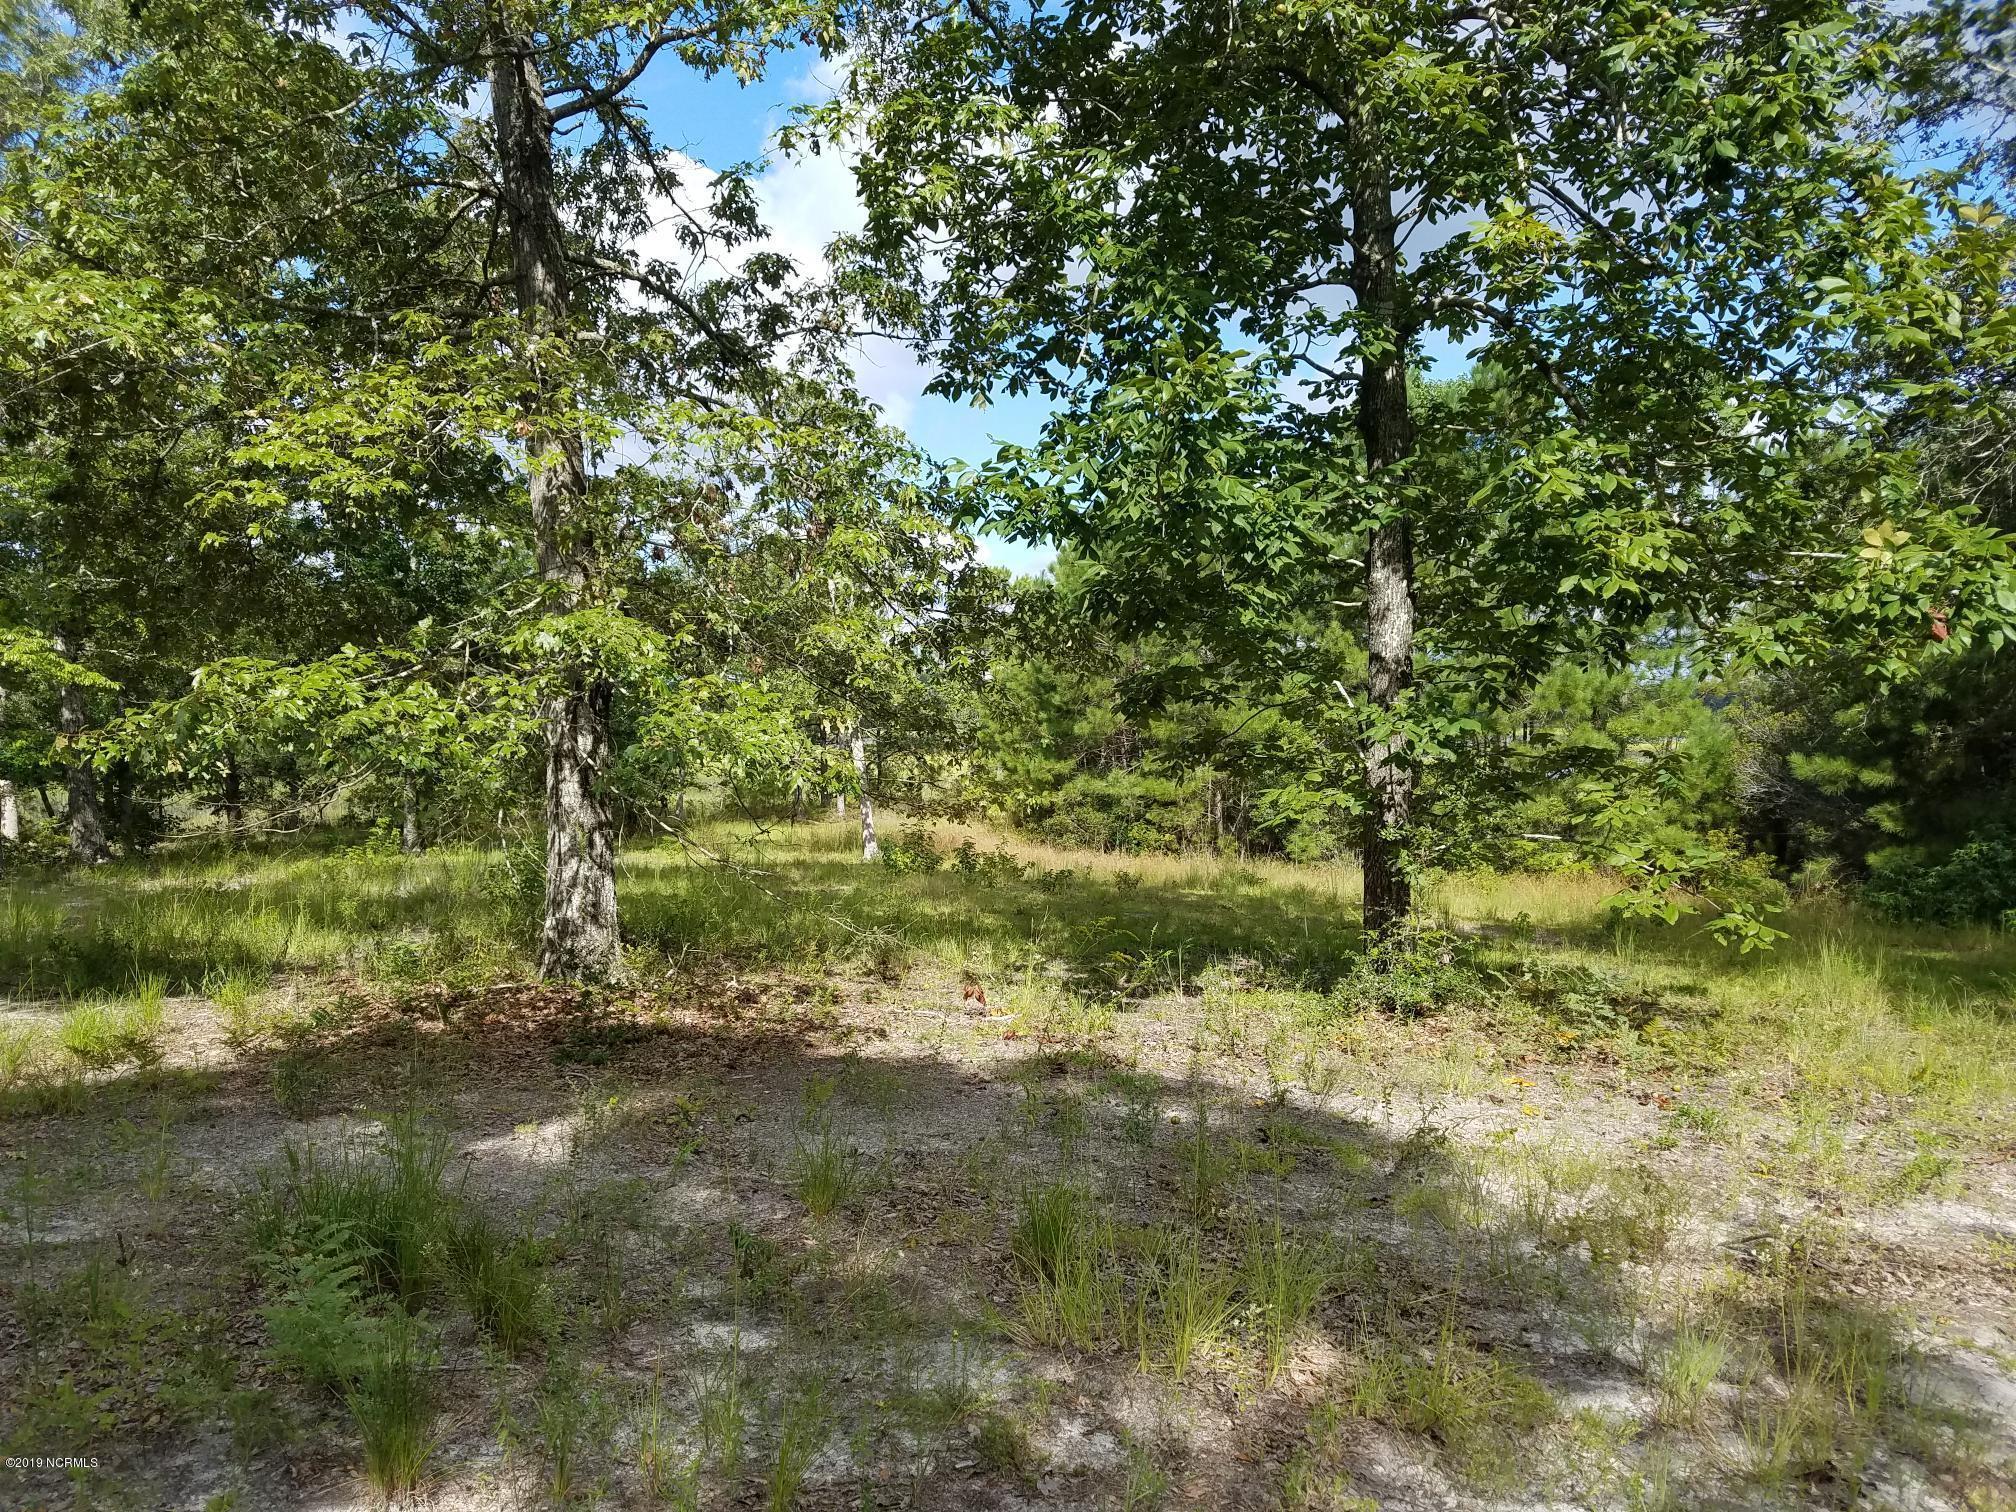 1255 Hidden Shores Drive, Shallotte, North Carolina 28470, ,Residential land,For sale,Hidden Shores,100183858